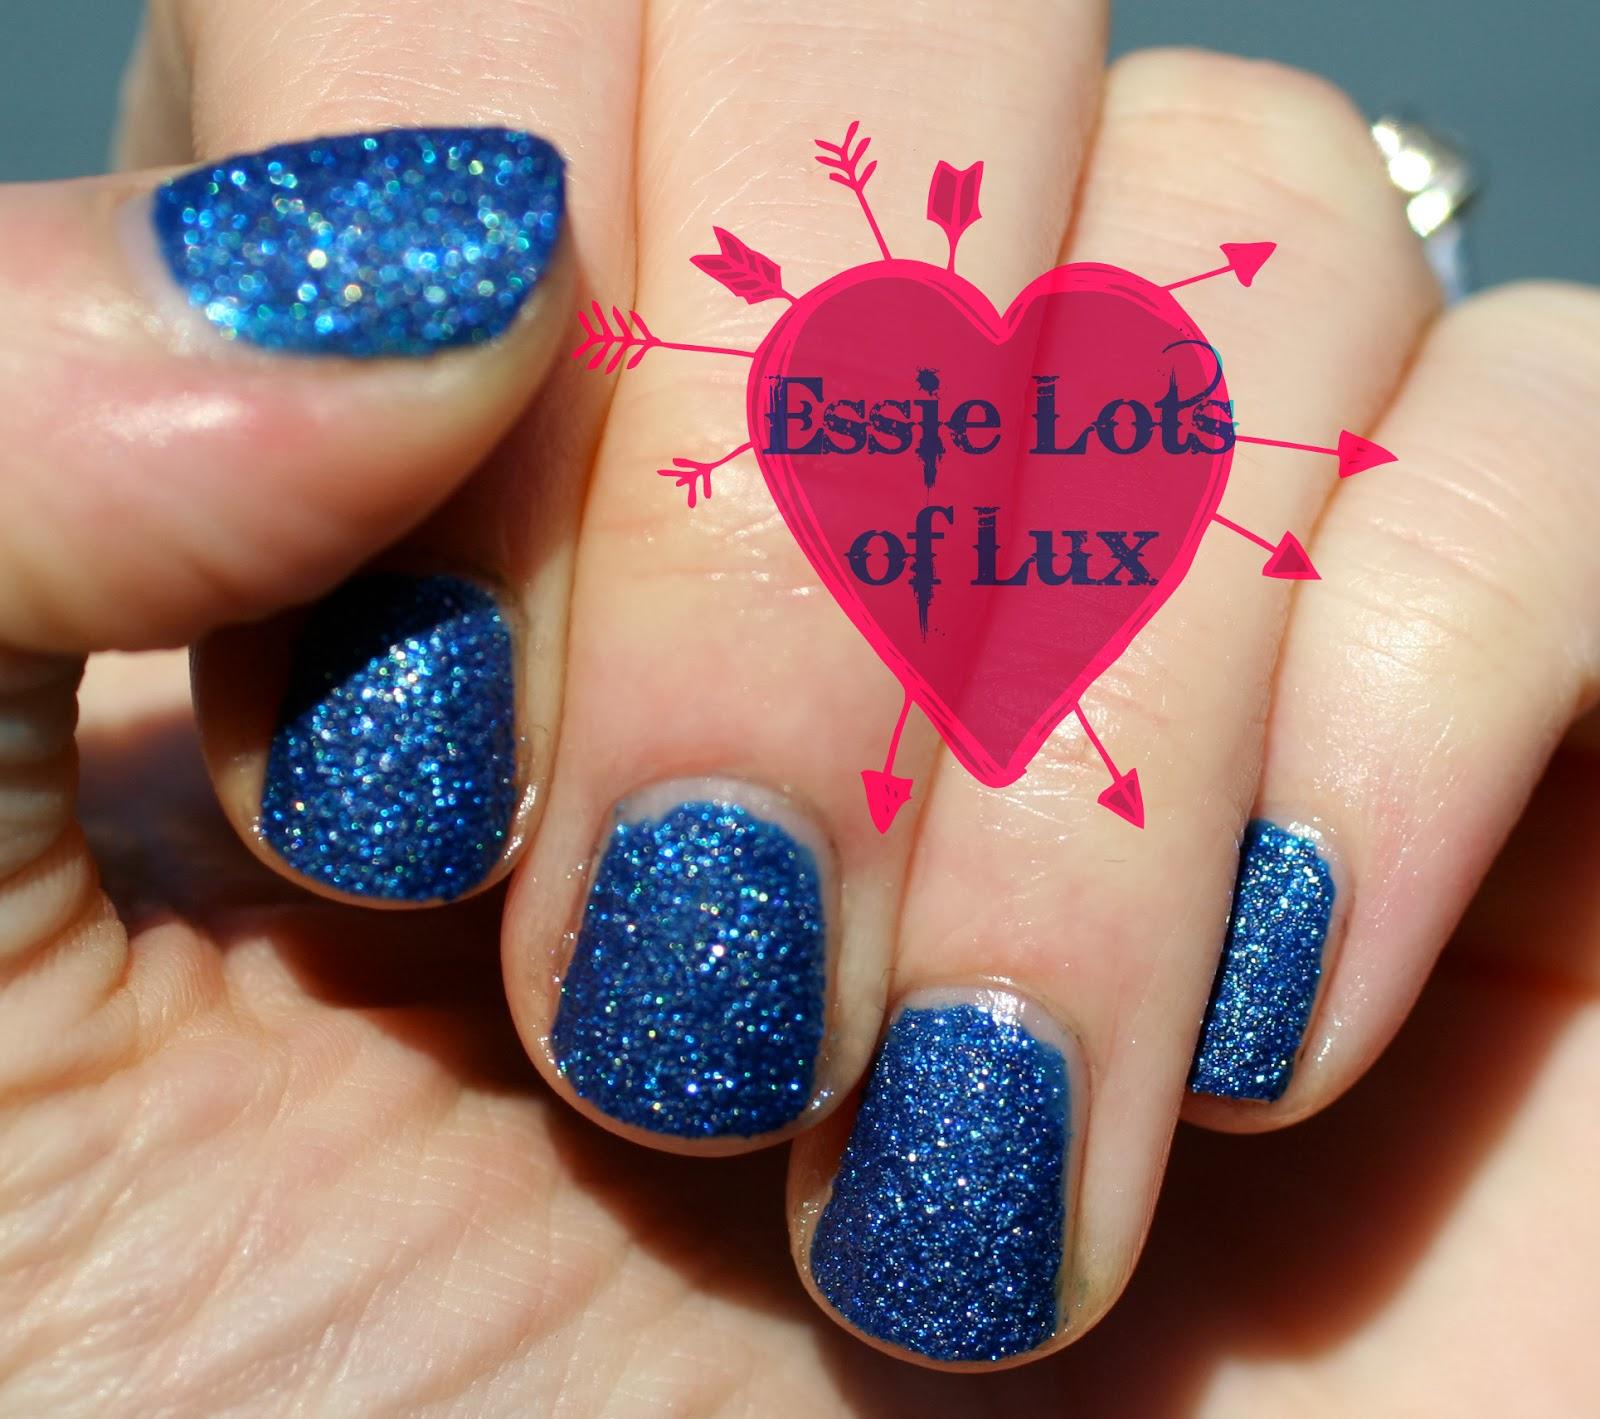 Essie Lots of Lux   Essie Envy